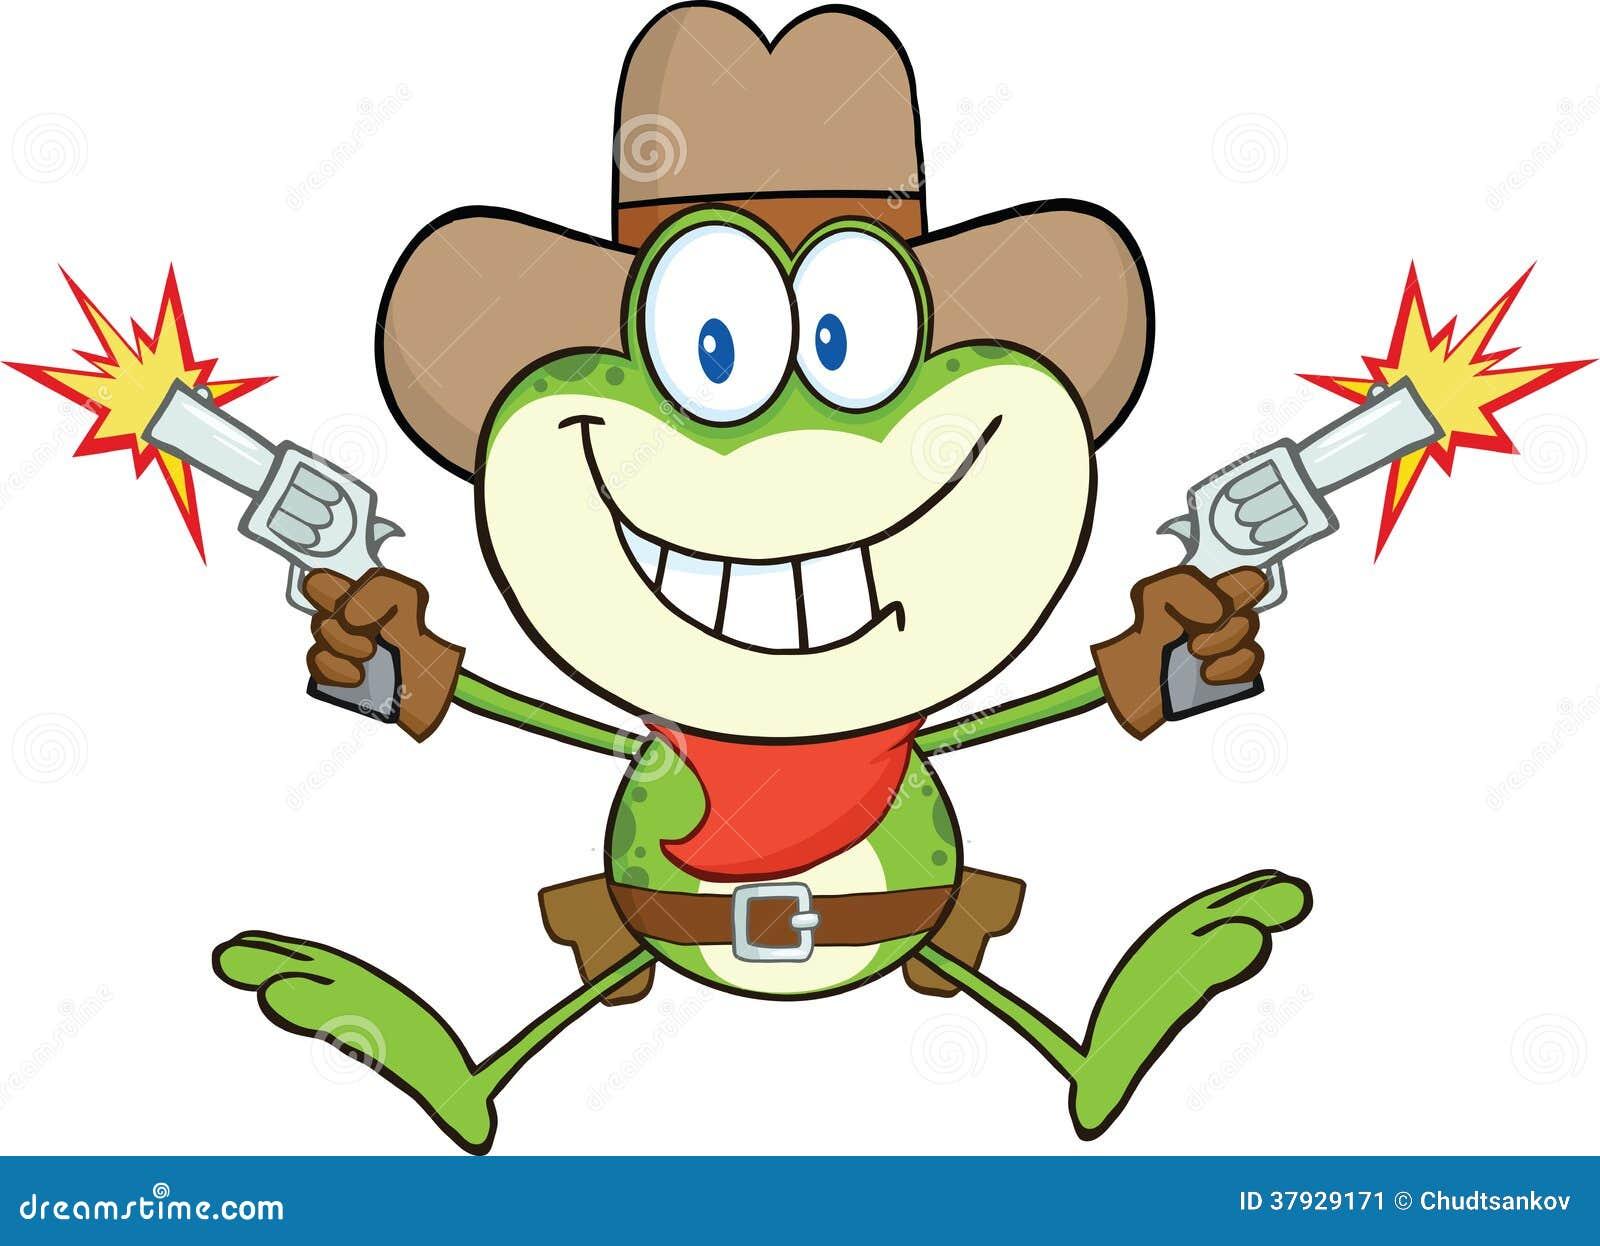 Πυροβολισμός χαρακτήρα κινουμένων σχεδίων βατράχων κάουμποϋ με δύο πυροβόλα όπλα